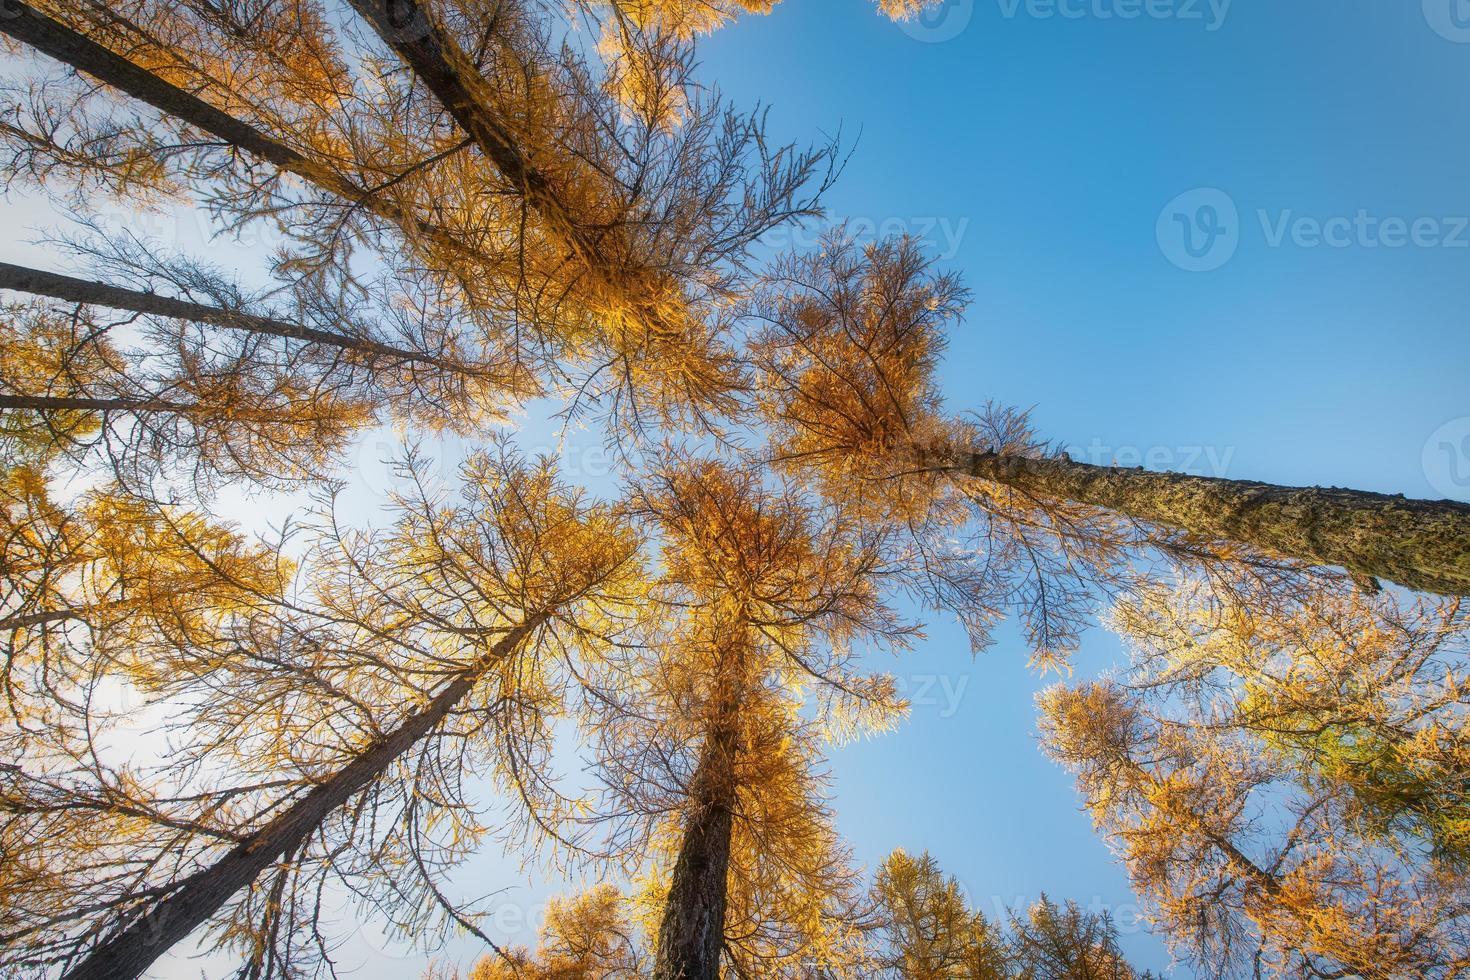 alto alerce otoñal hacia el cielo tomado desde abajo por una forseta foto